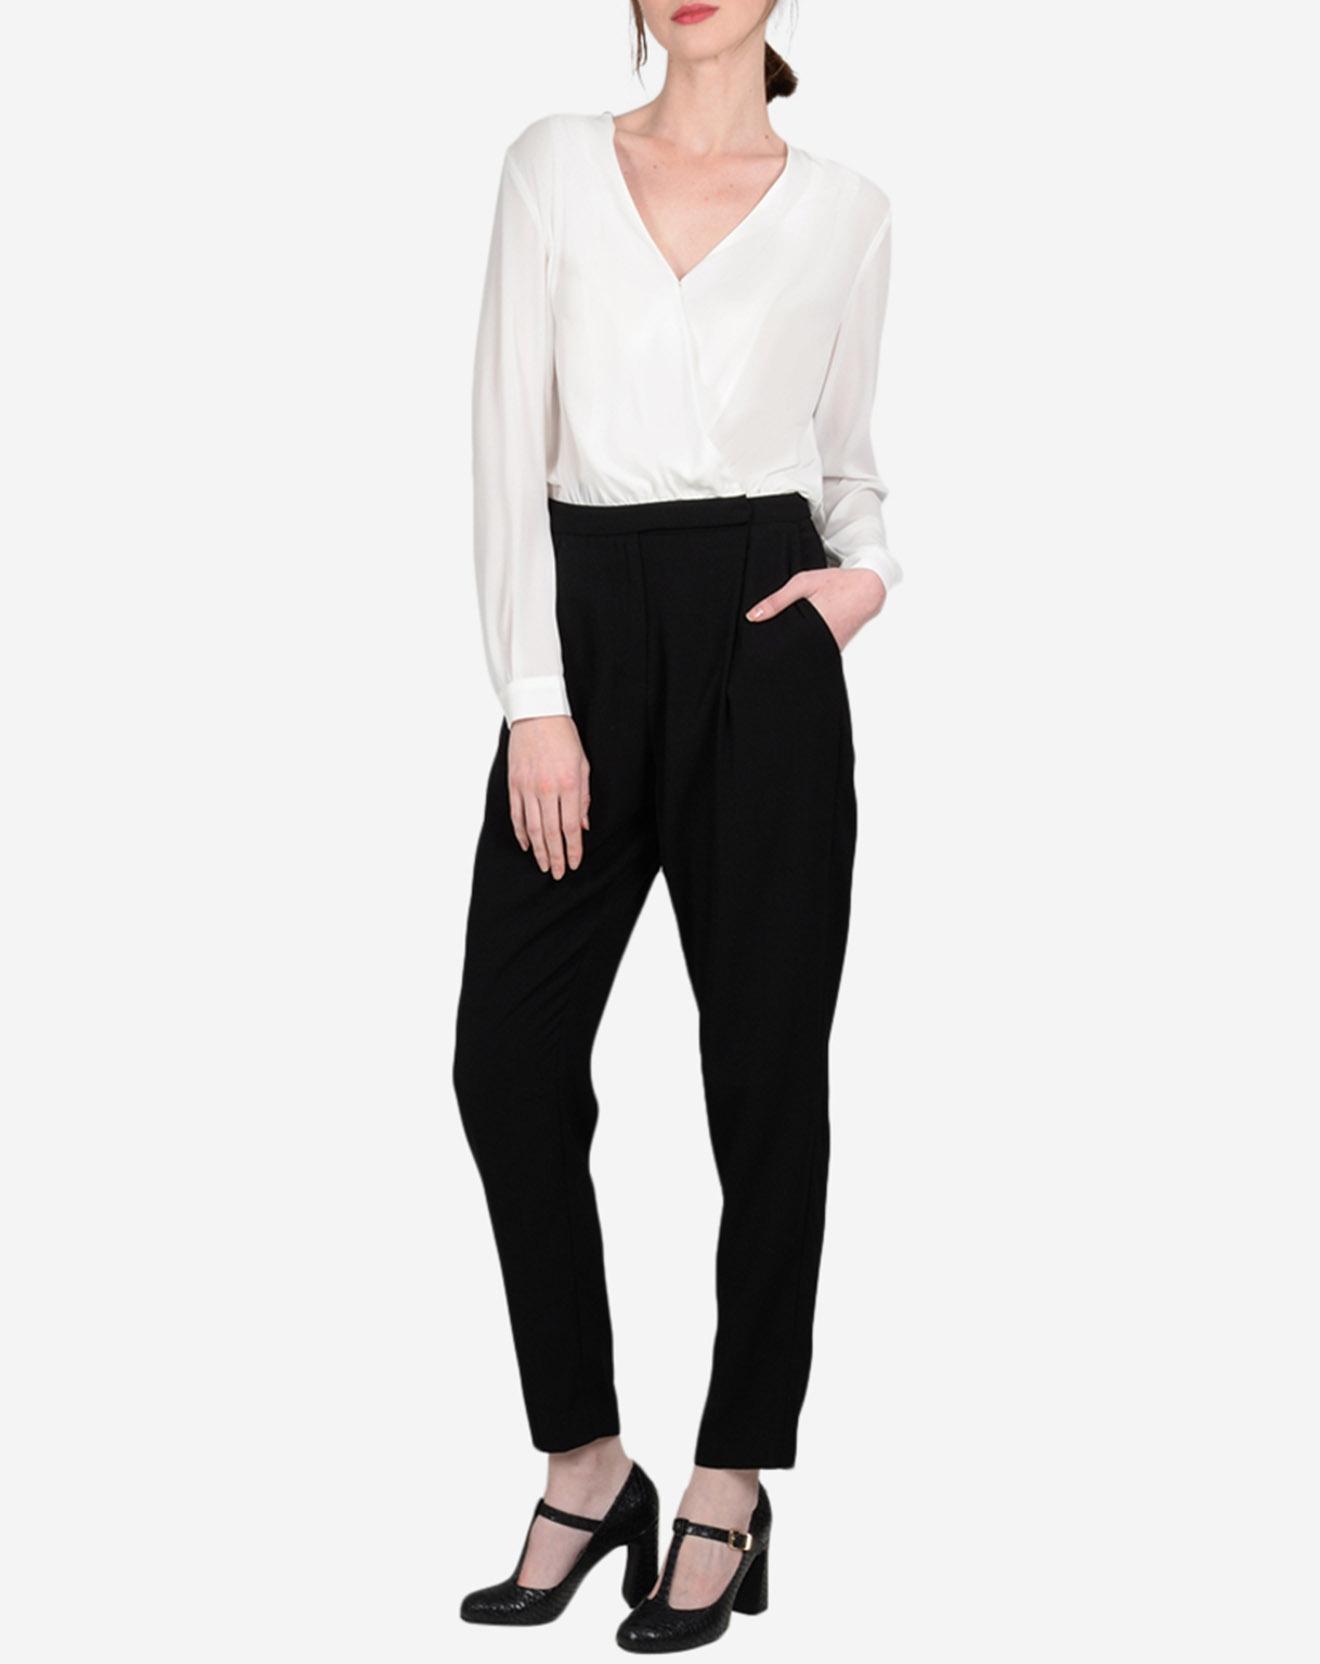 Combinaison type blouse blanc/noir